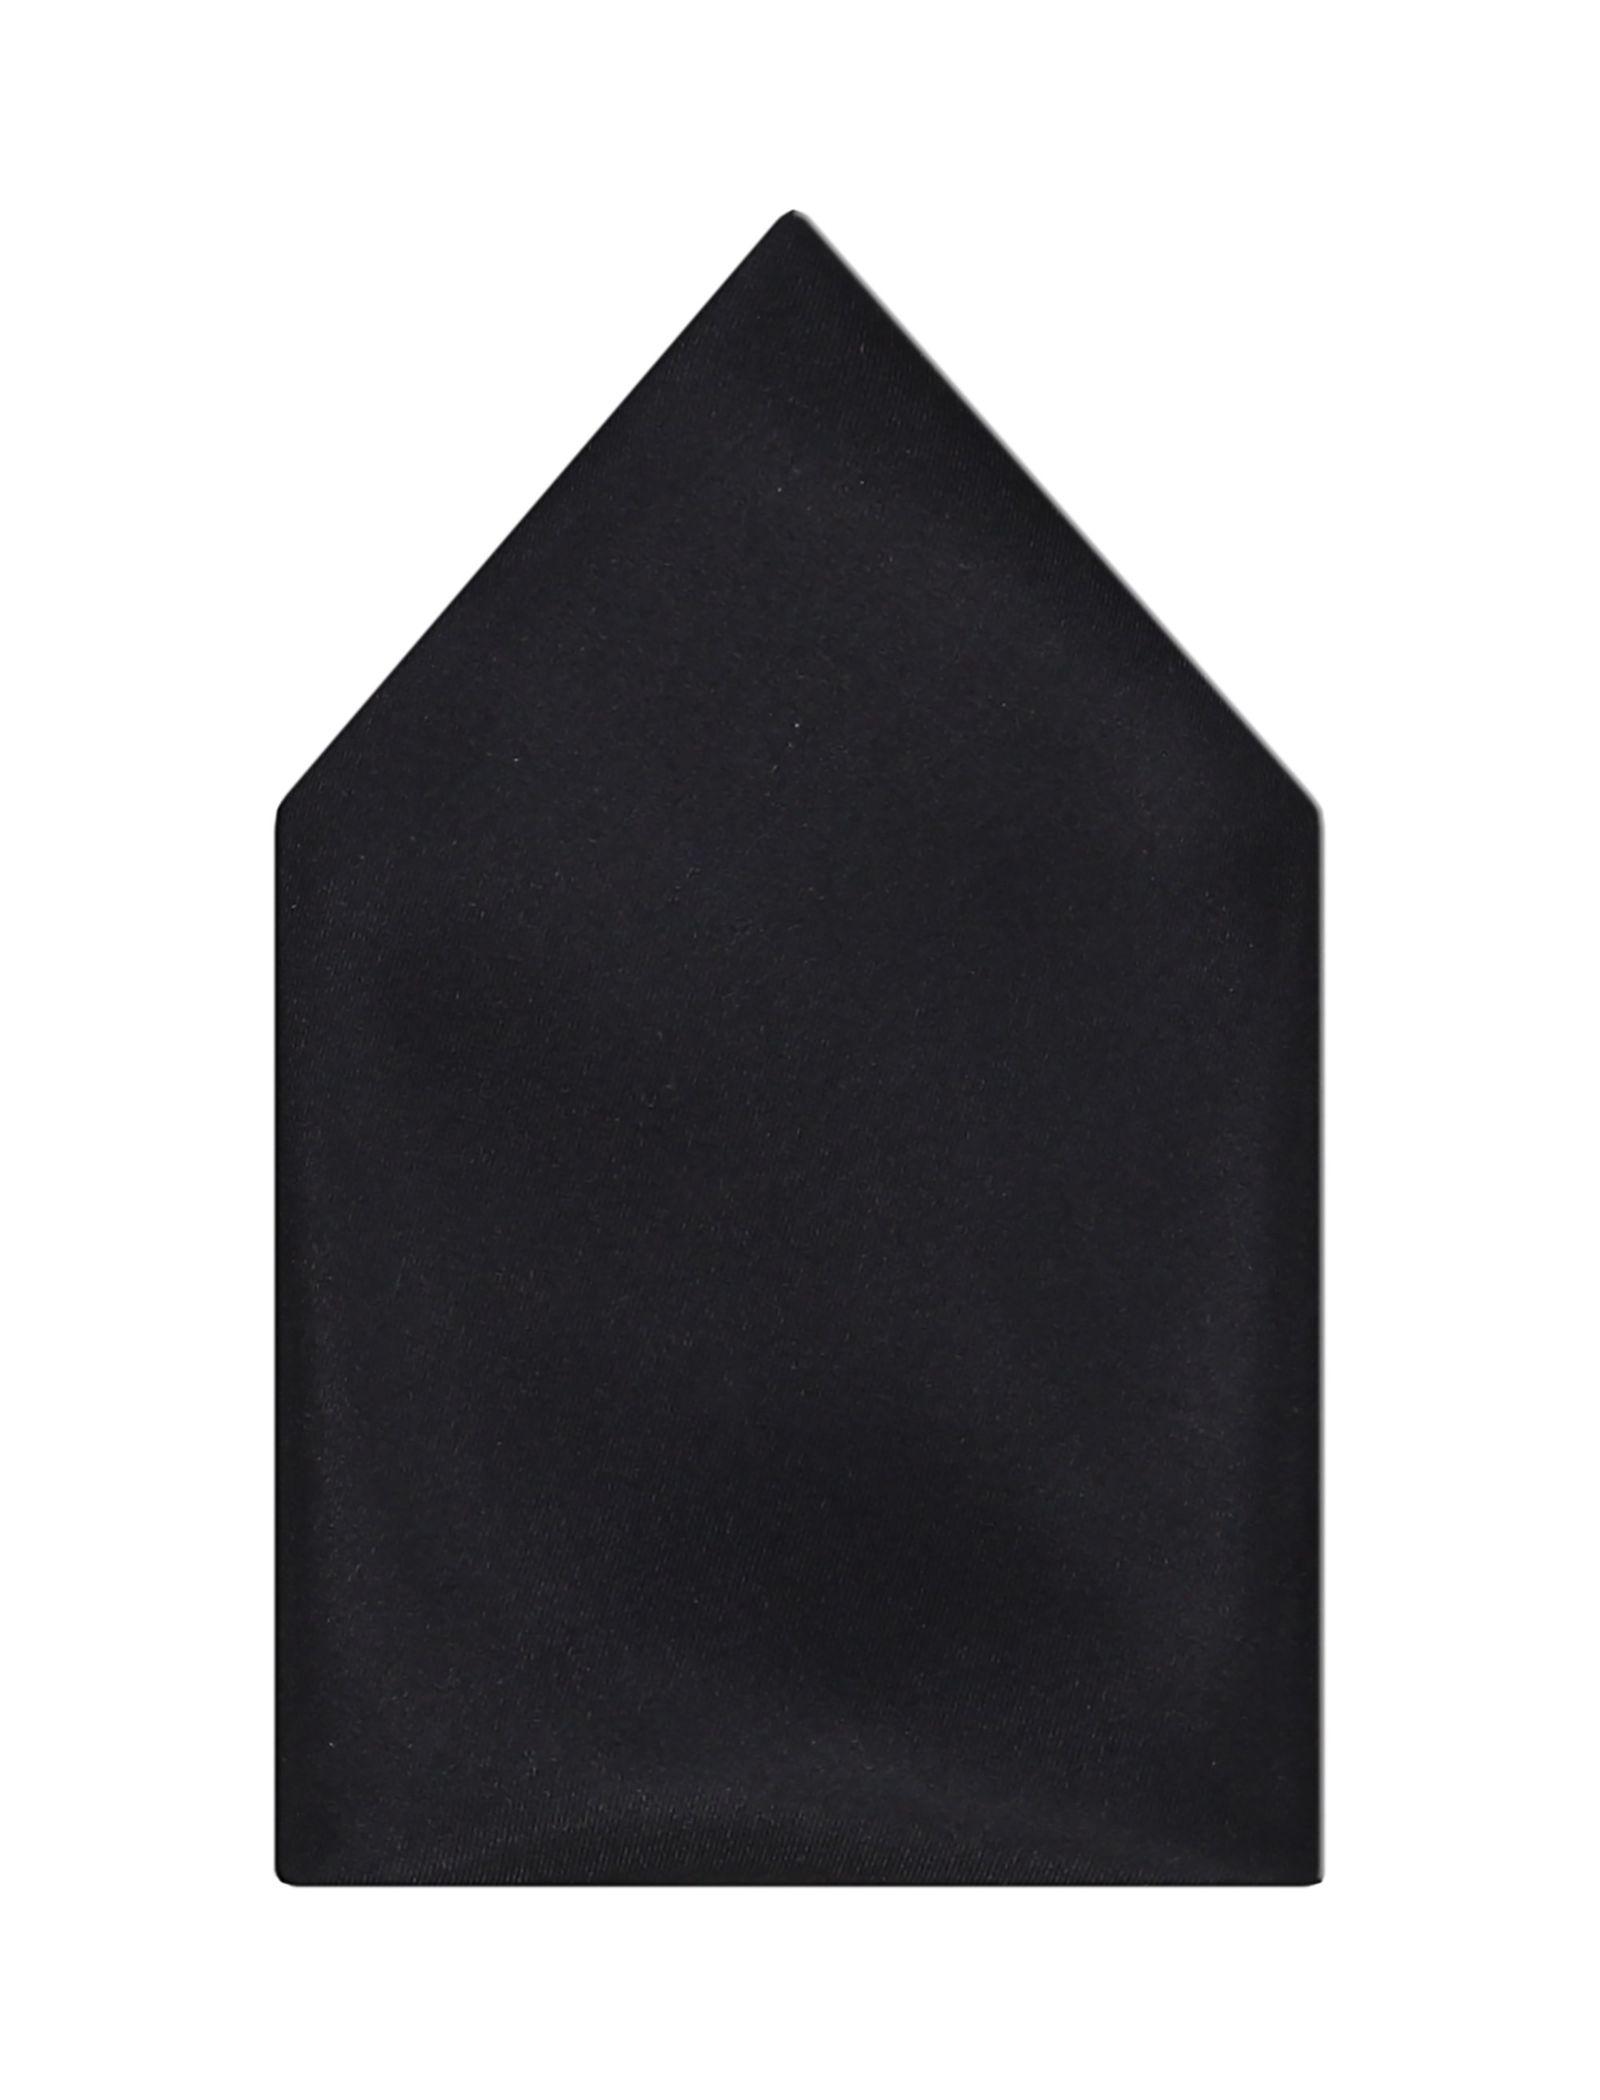 دستمال گردن ابریشم طرح دار مردانه - مانگو - مشکي و طوسي - 6